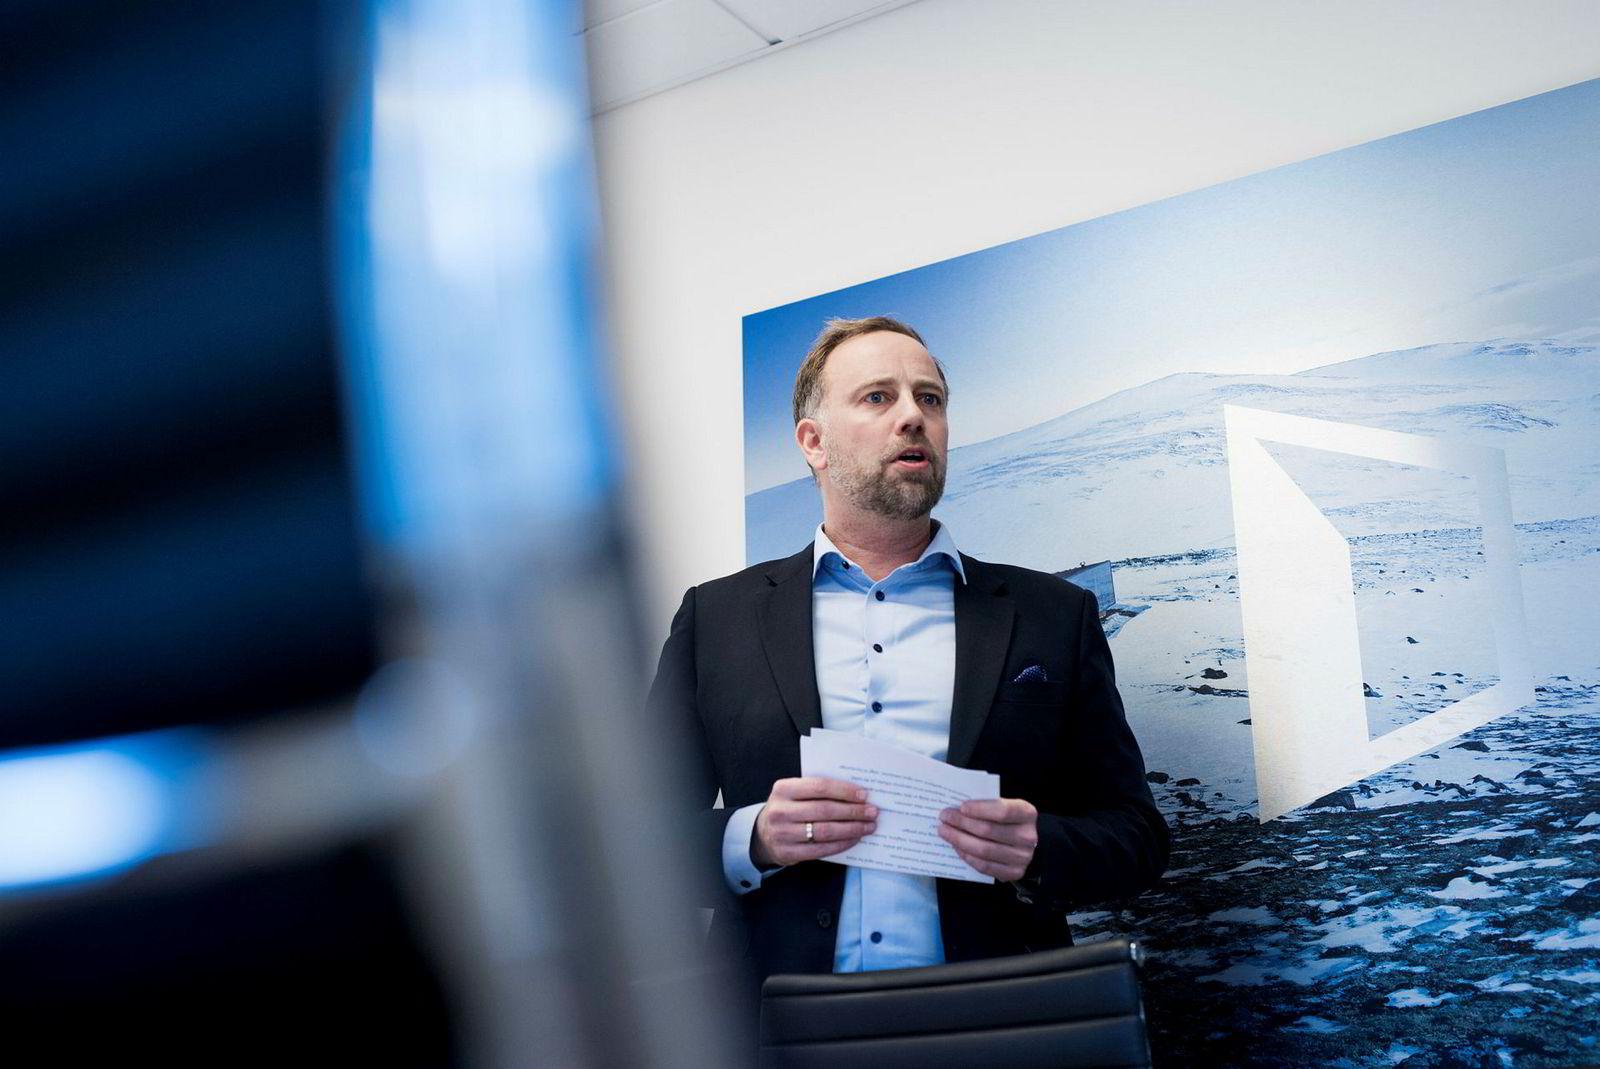 Administrerende Christian Vammervold direktør i Eiendom Norge mener boliglovgivningen ikke blir tilstrekkelig prioritert i Justis- og beredskapsdepartementet.